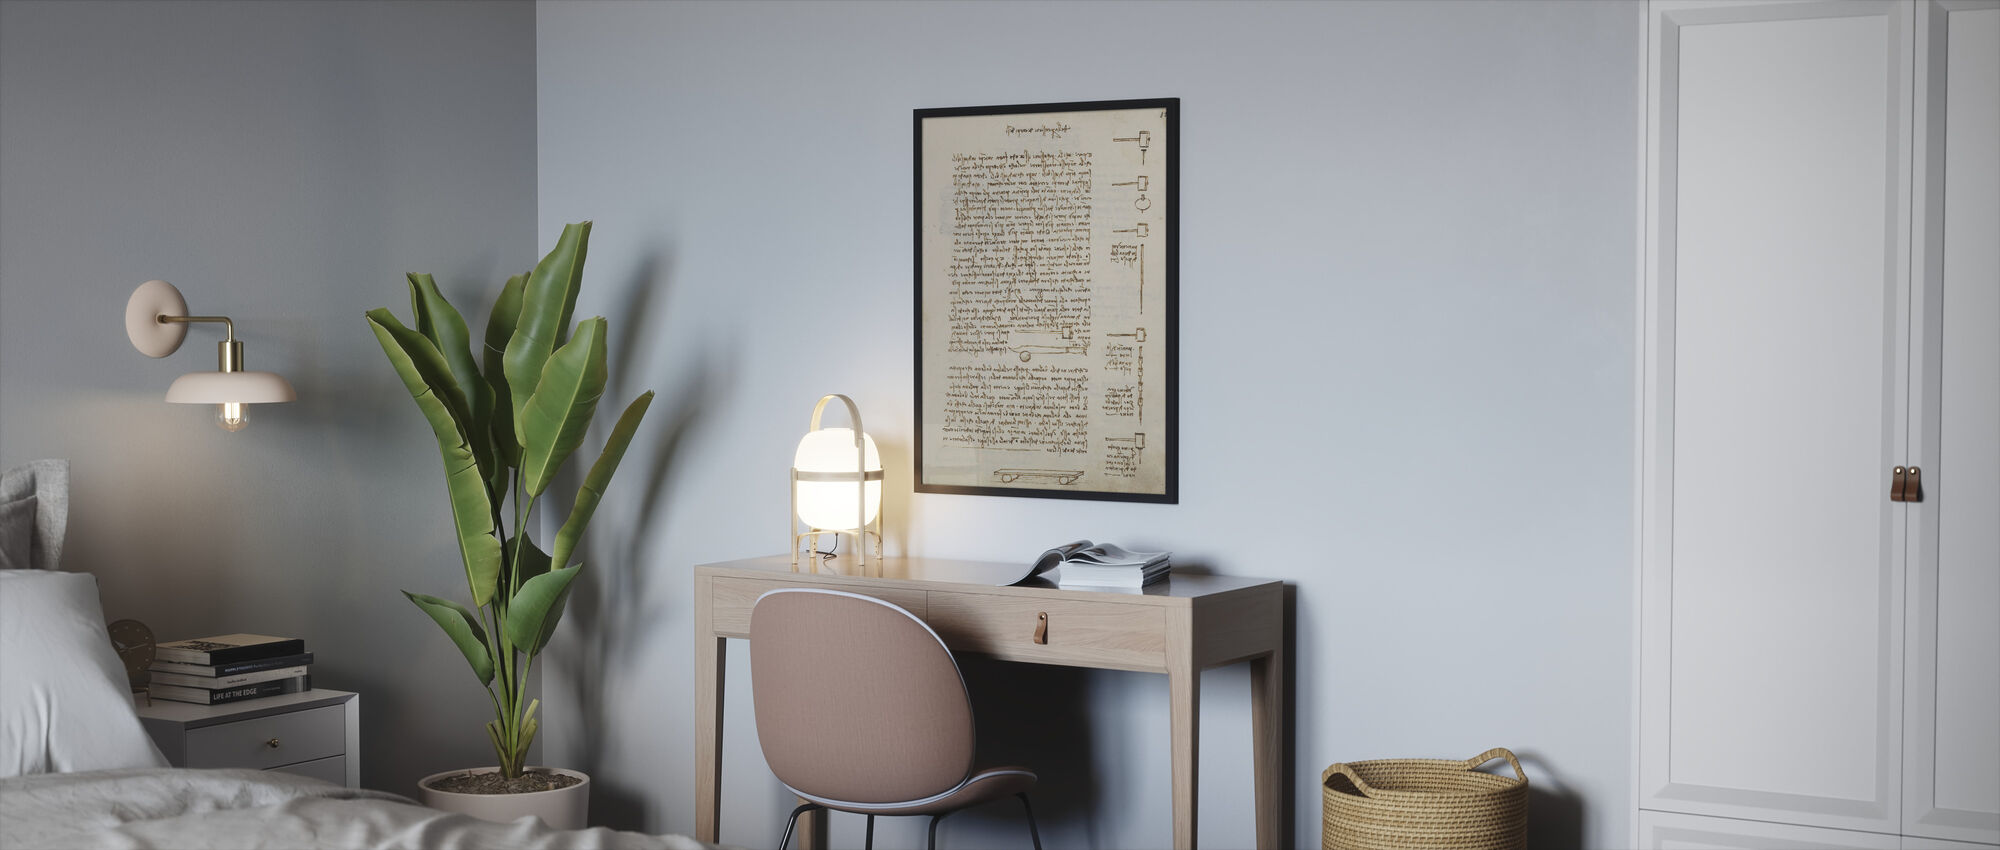 Statics and Mechanics - Leonardo Da Vinci - Framed print - Bedroom